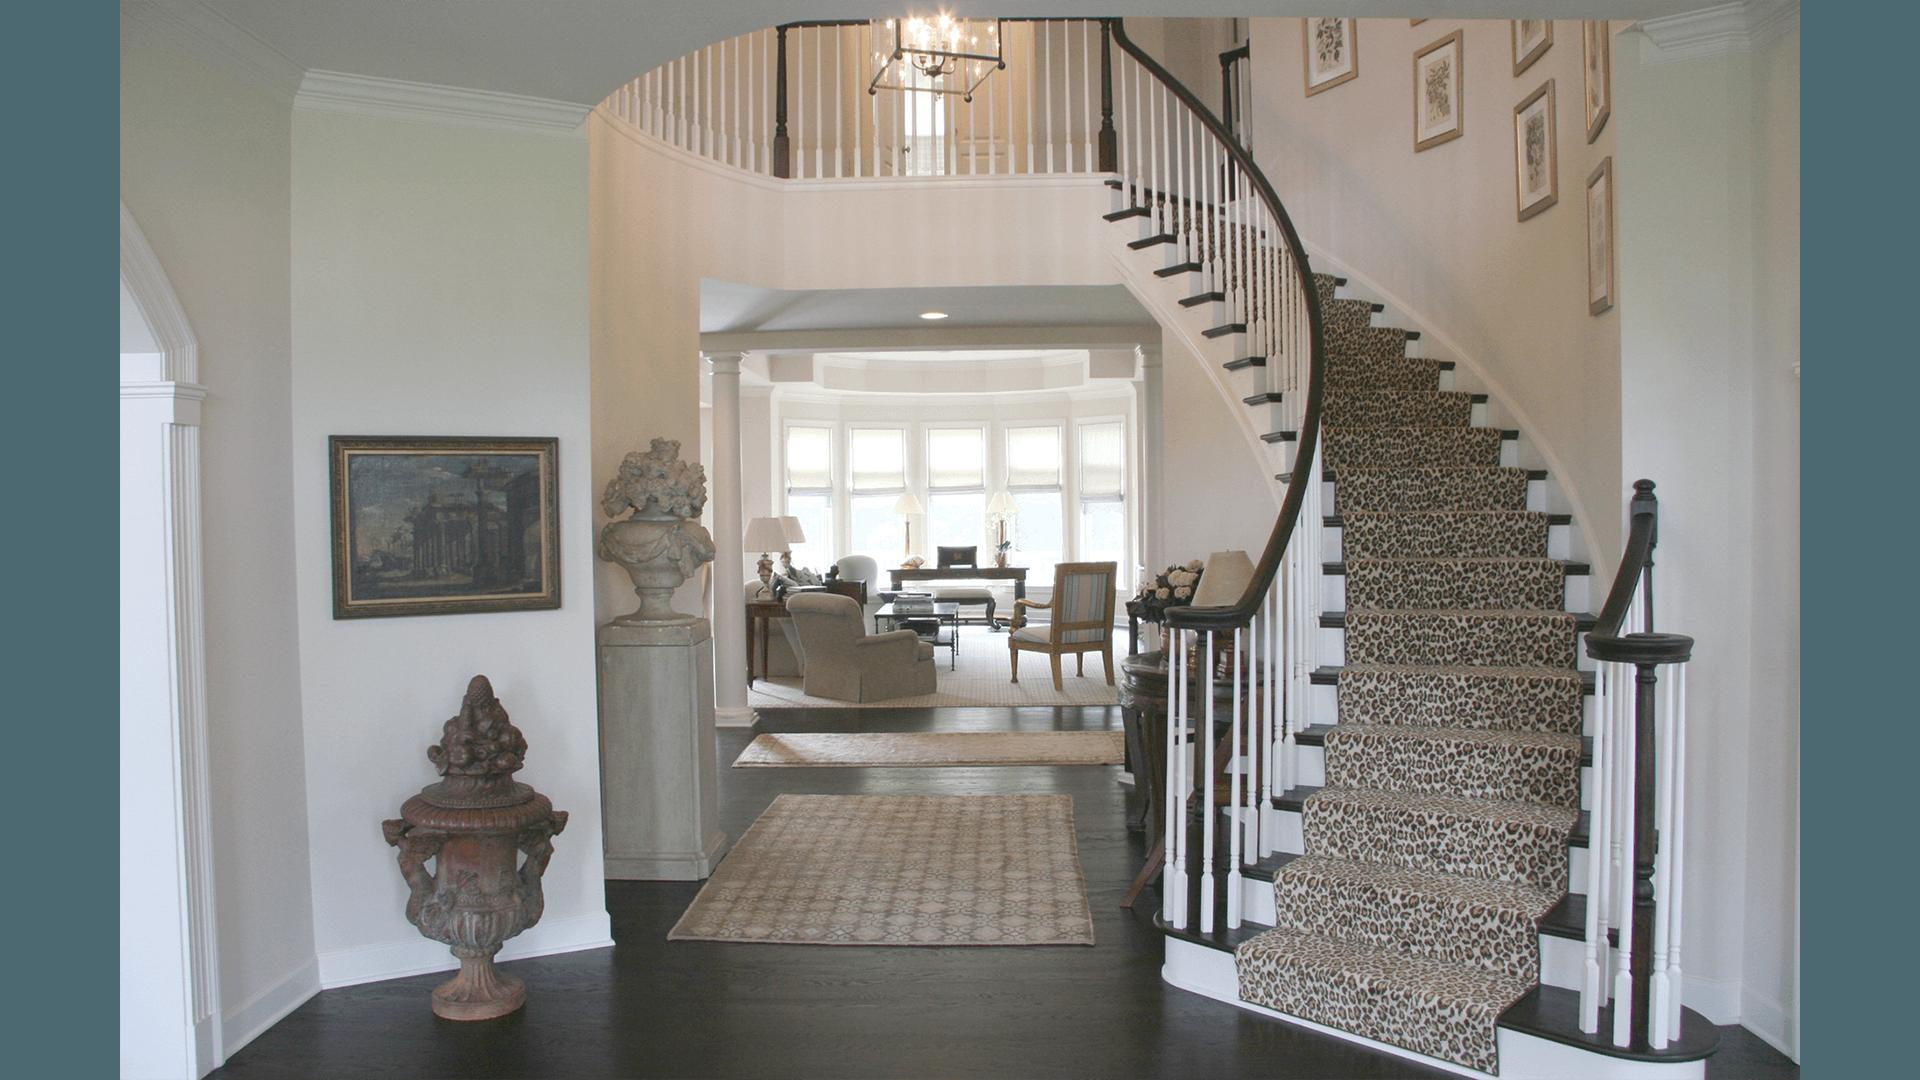 Grovemont Wentworth - Foyer